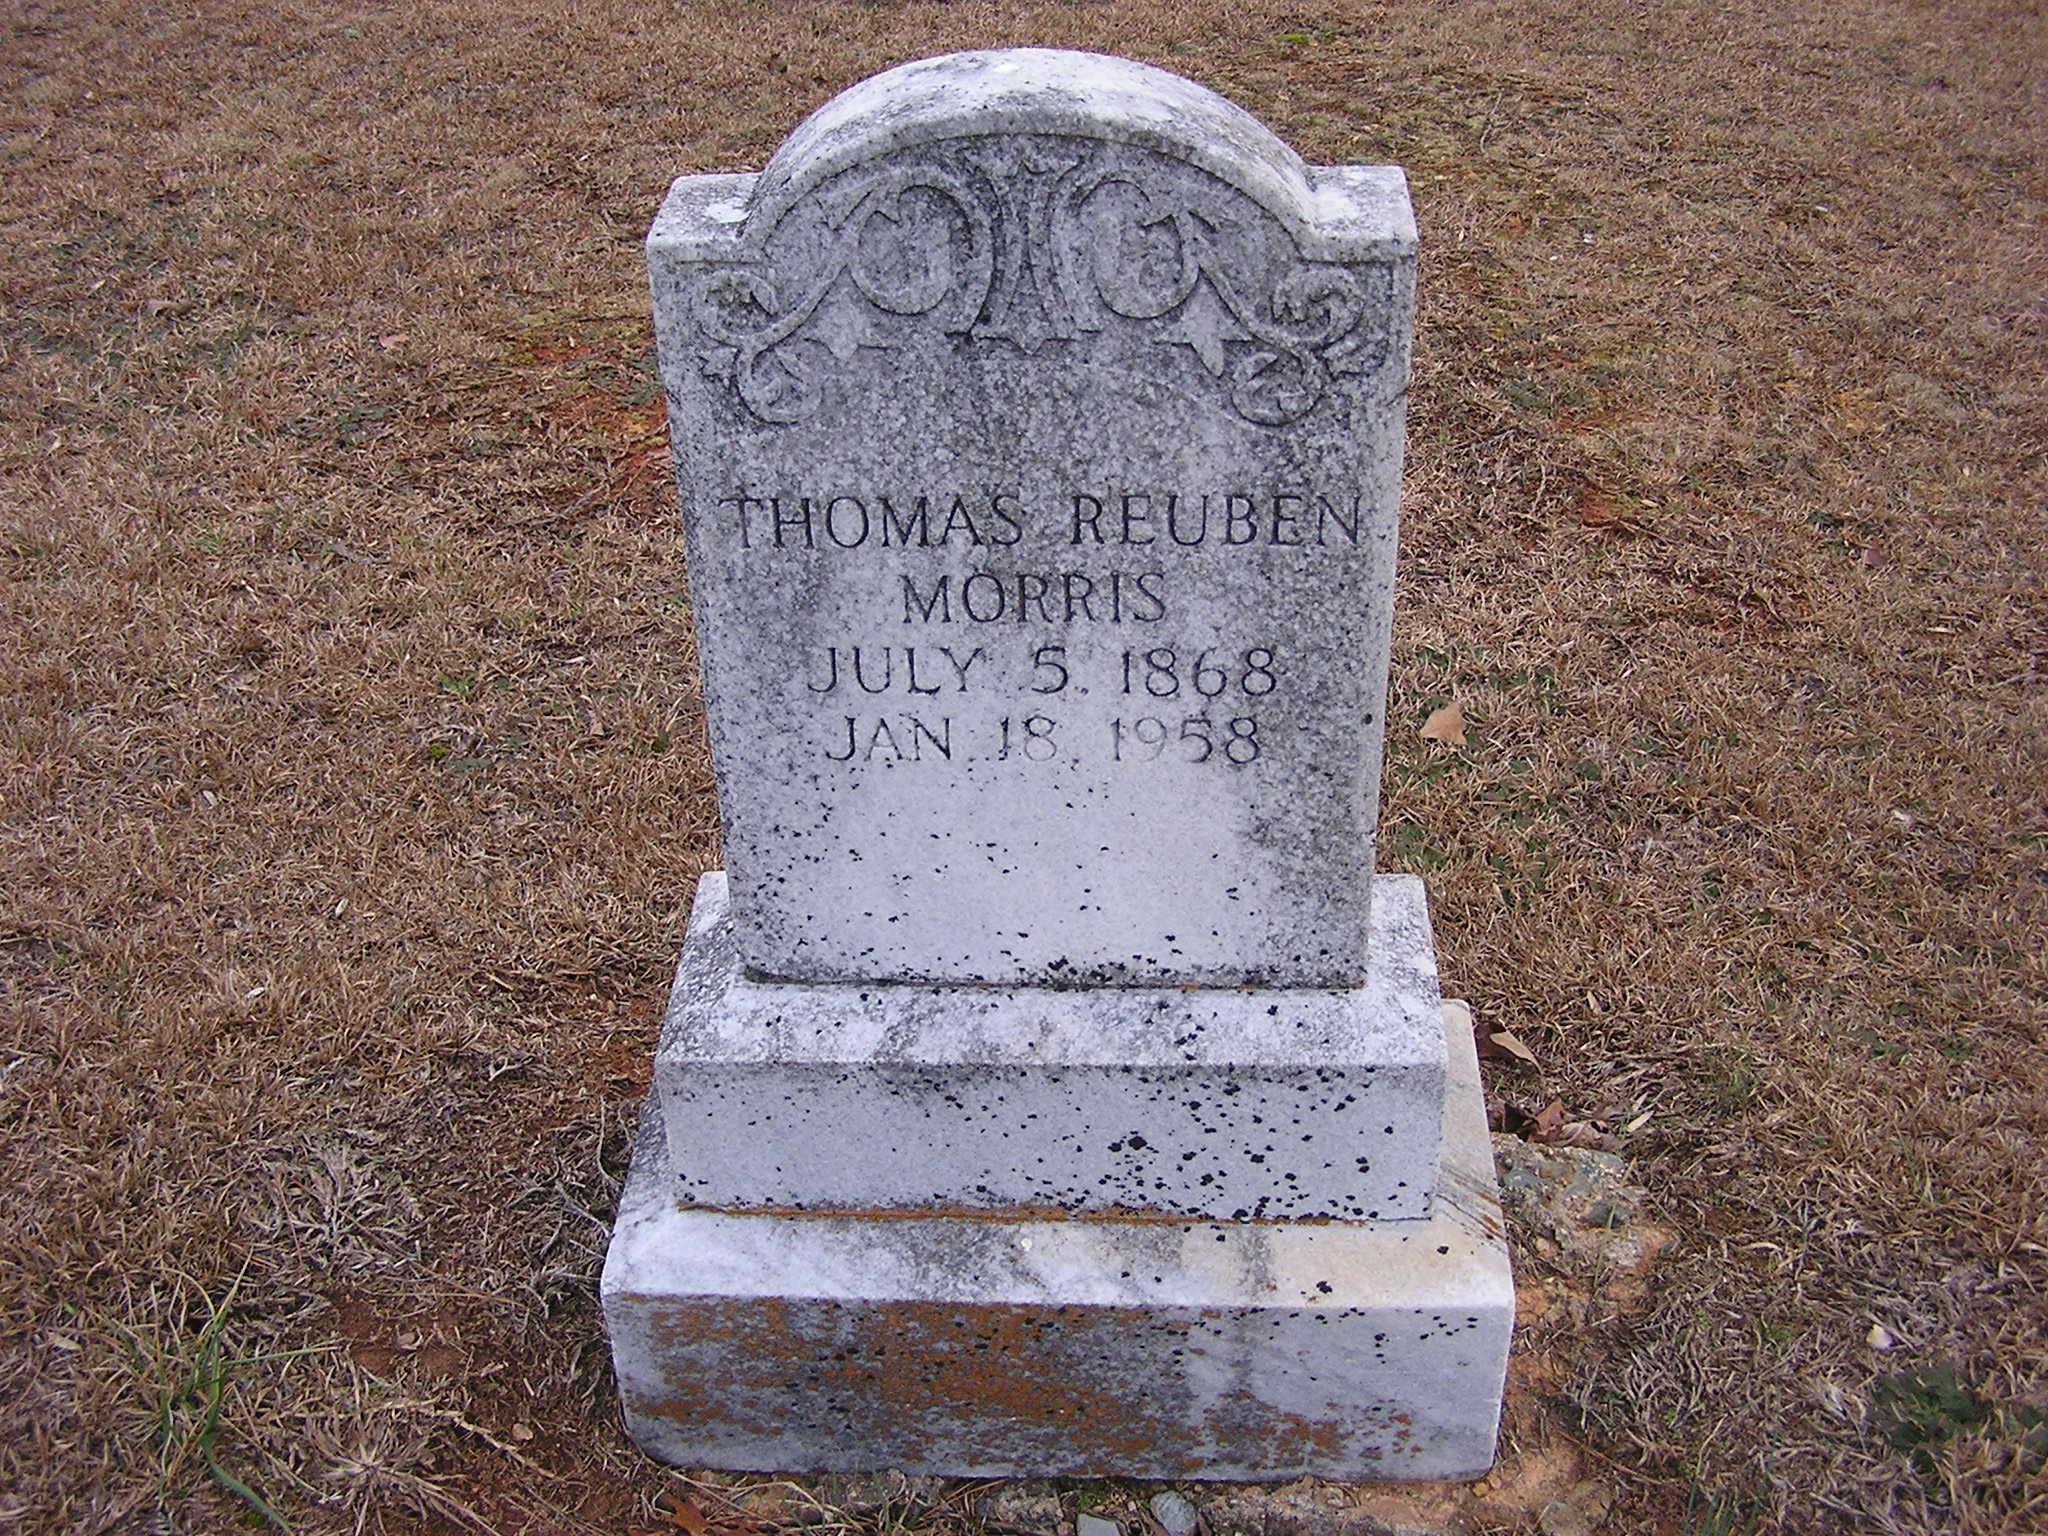 Reuben Morris